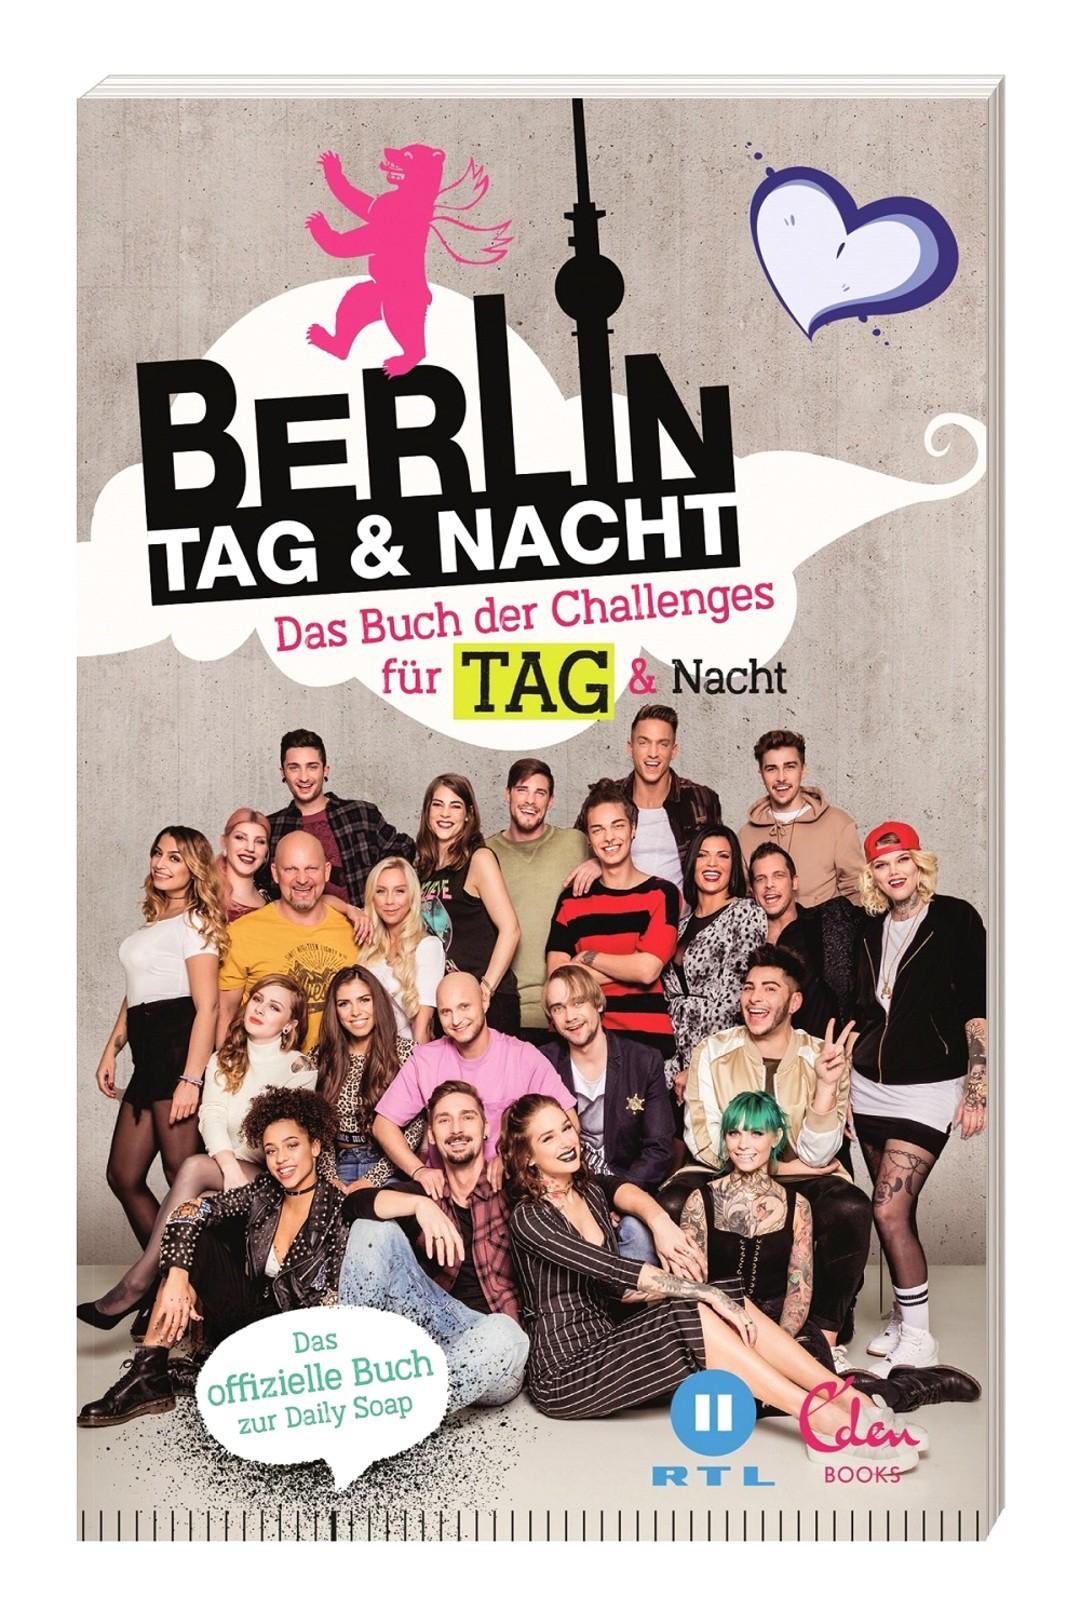 Berlin - Tag und Nacht: Neues Buch mit 100 Challenges - Bild 1 von 1